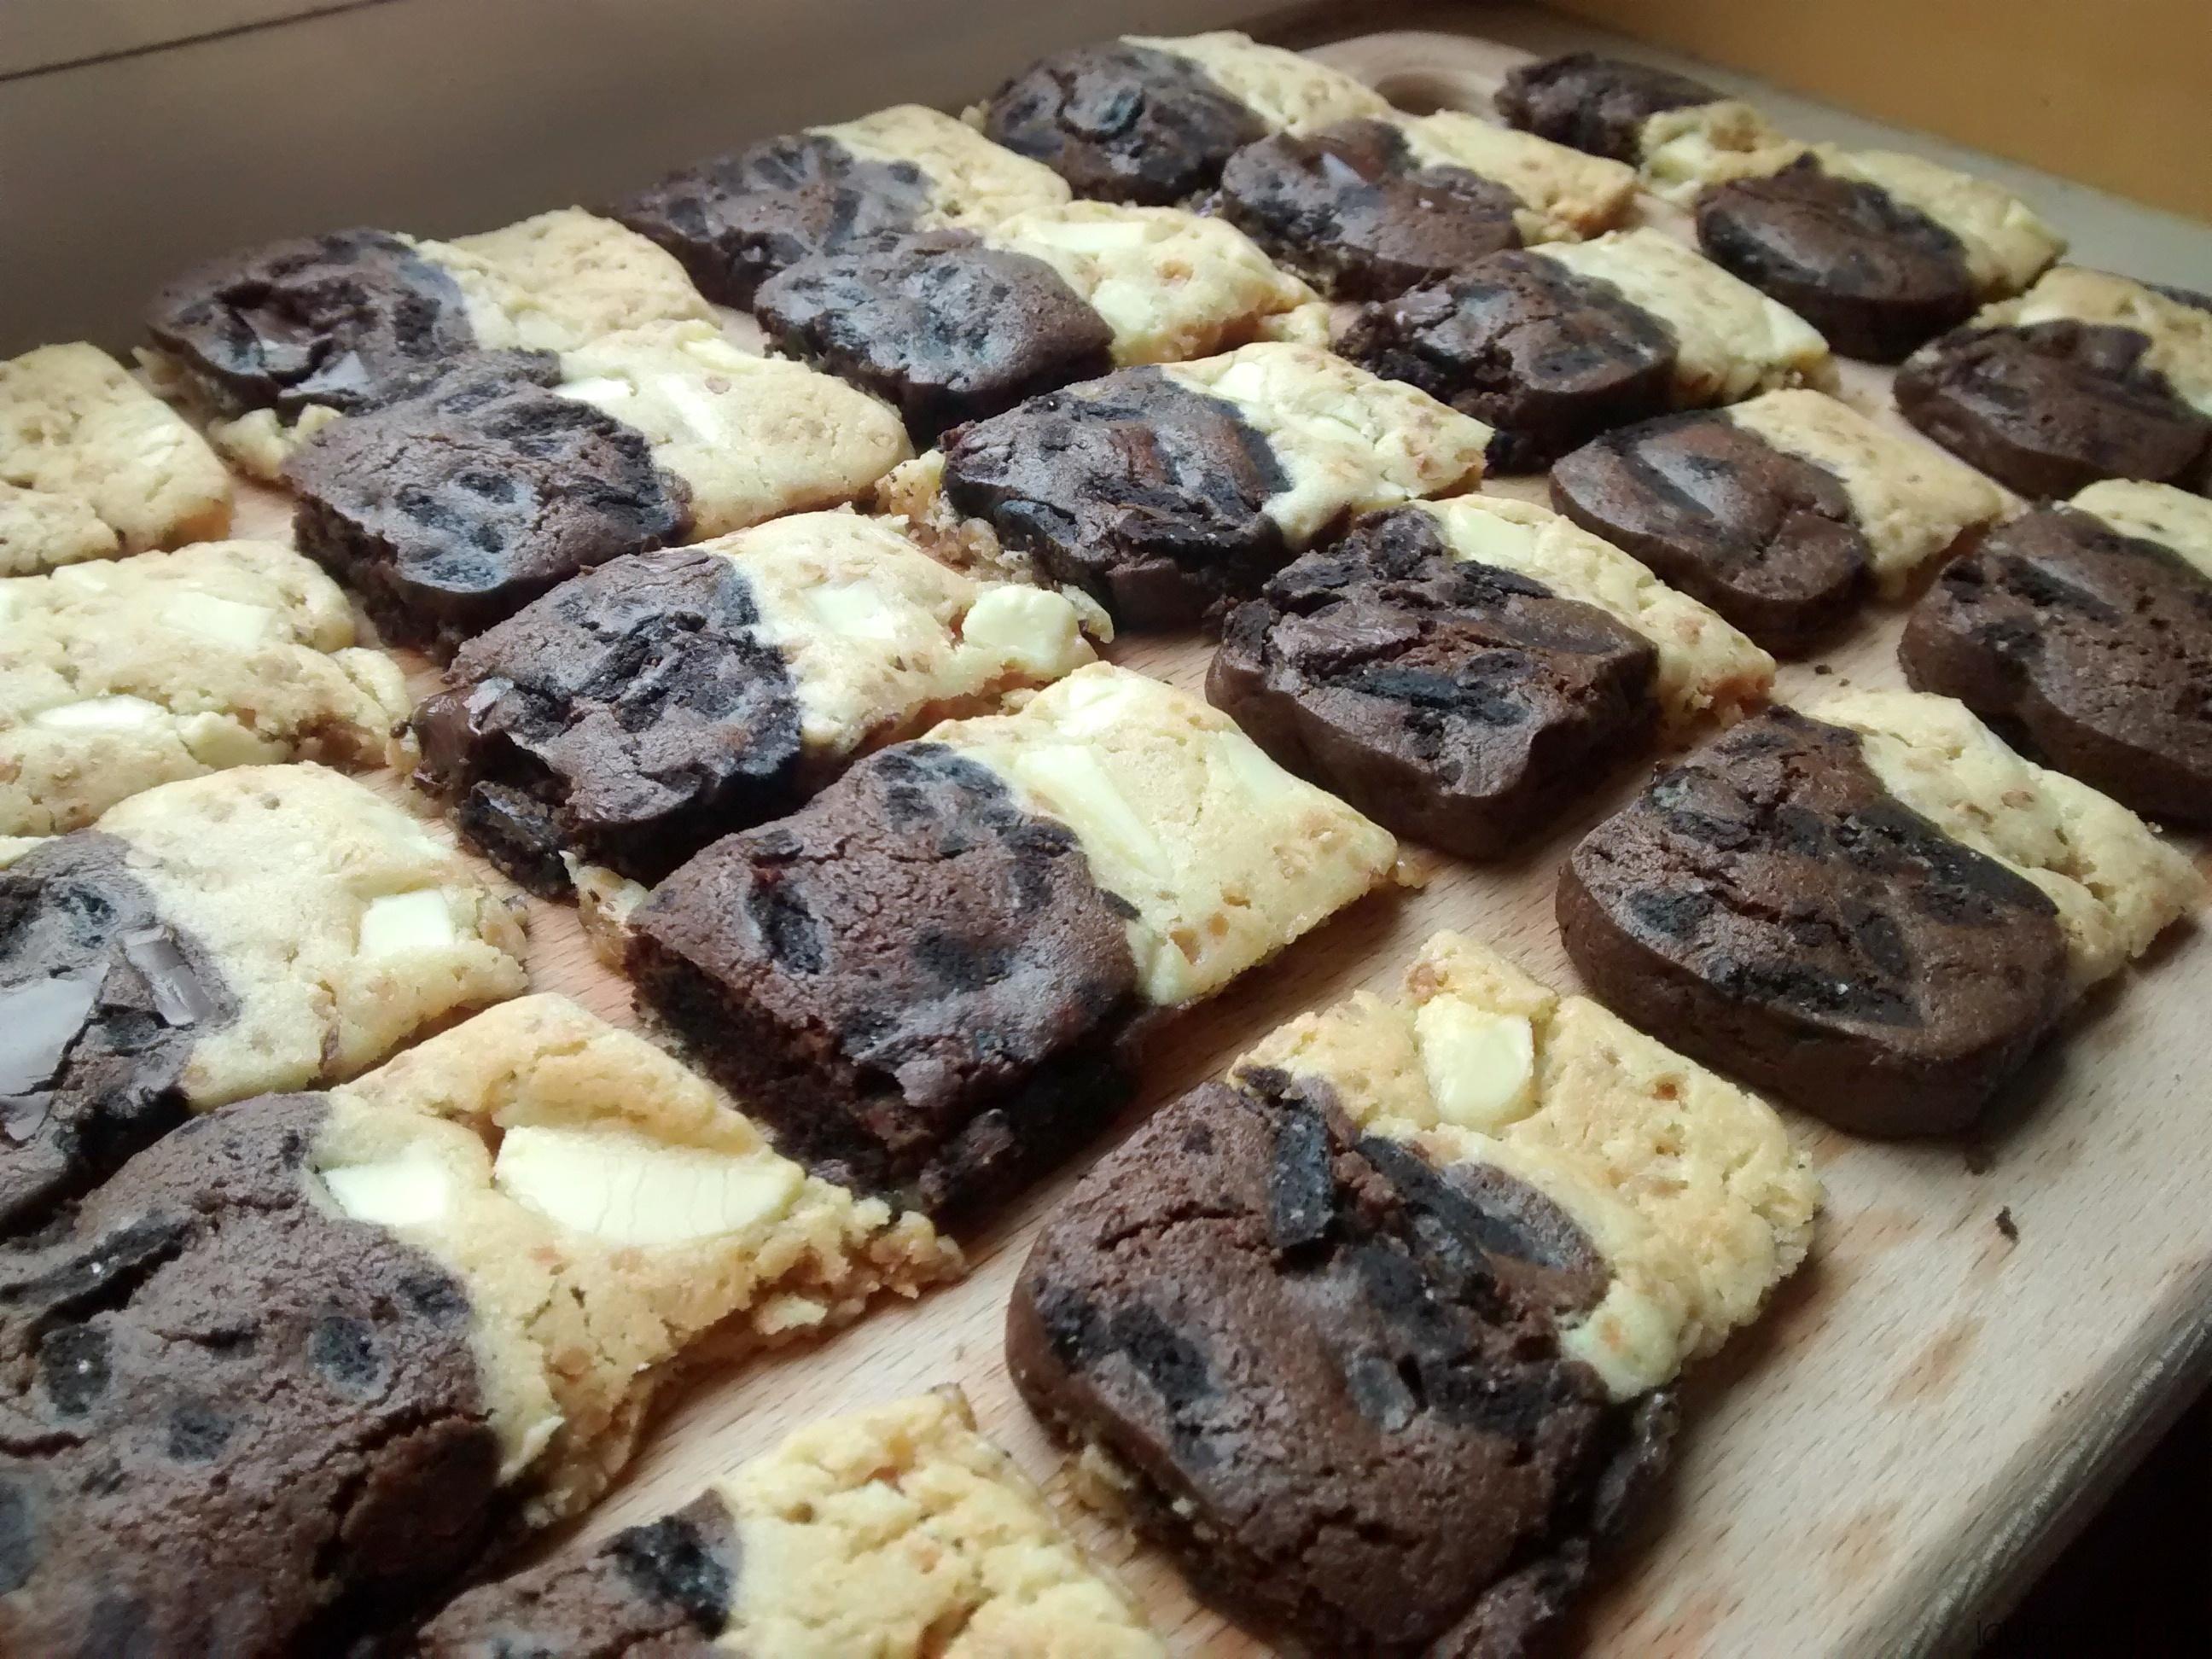 Iguaria_Biscoitos-de-Chocolate-Preto-e-Branco